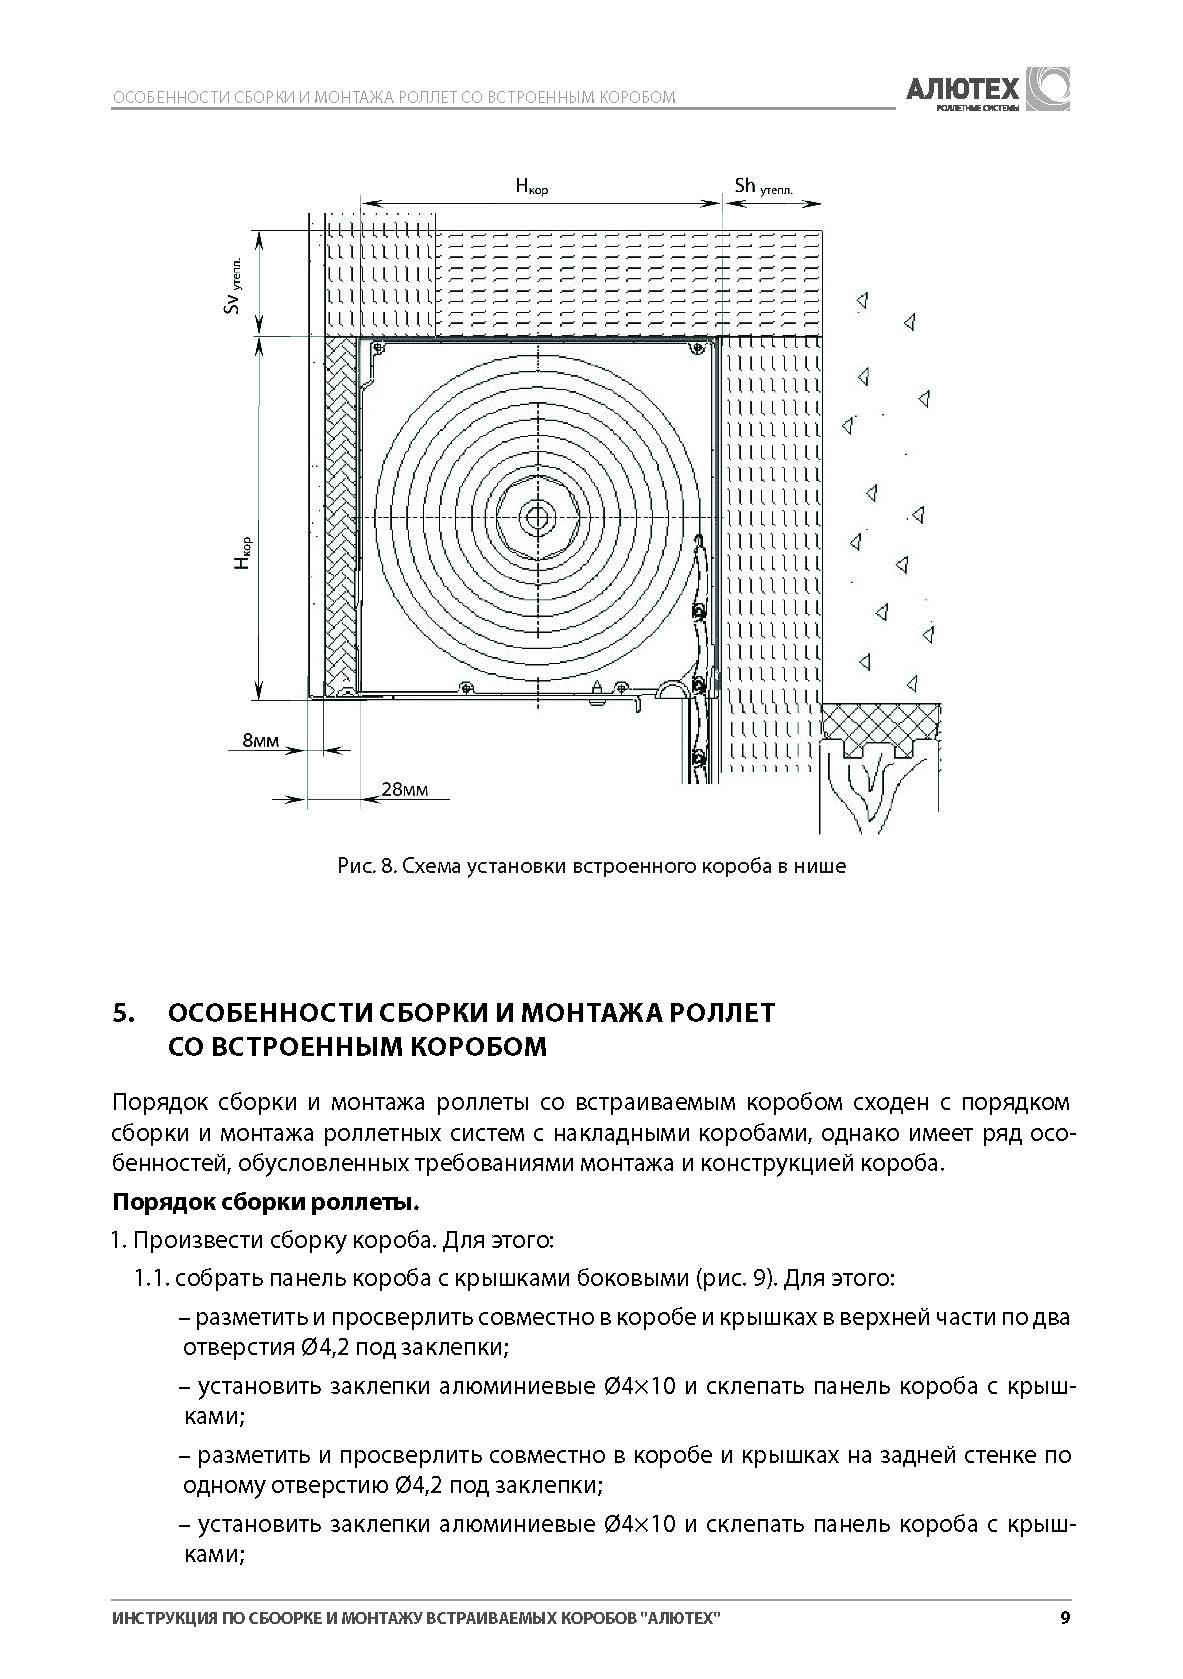 Инструкция по сборке и монтажу встраиваемых коробов Алютех